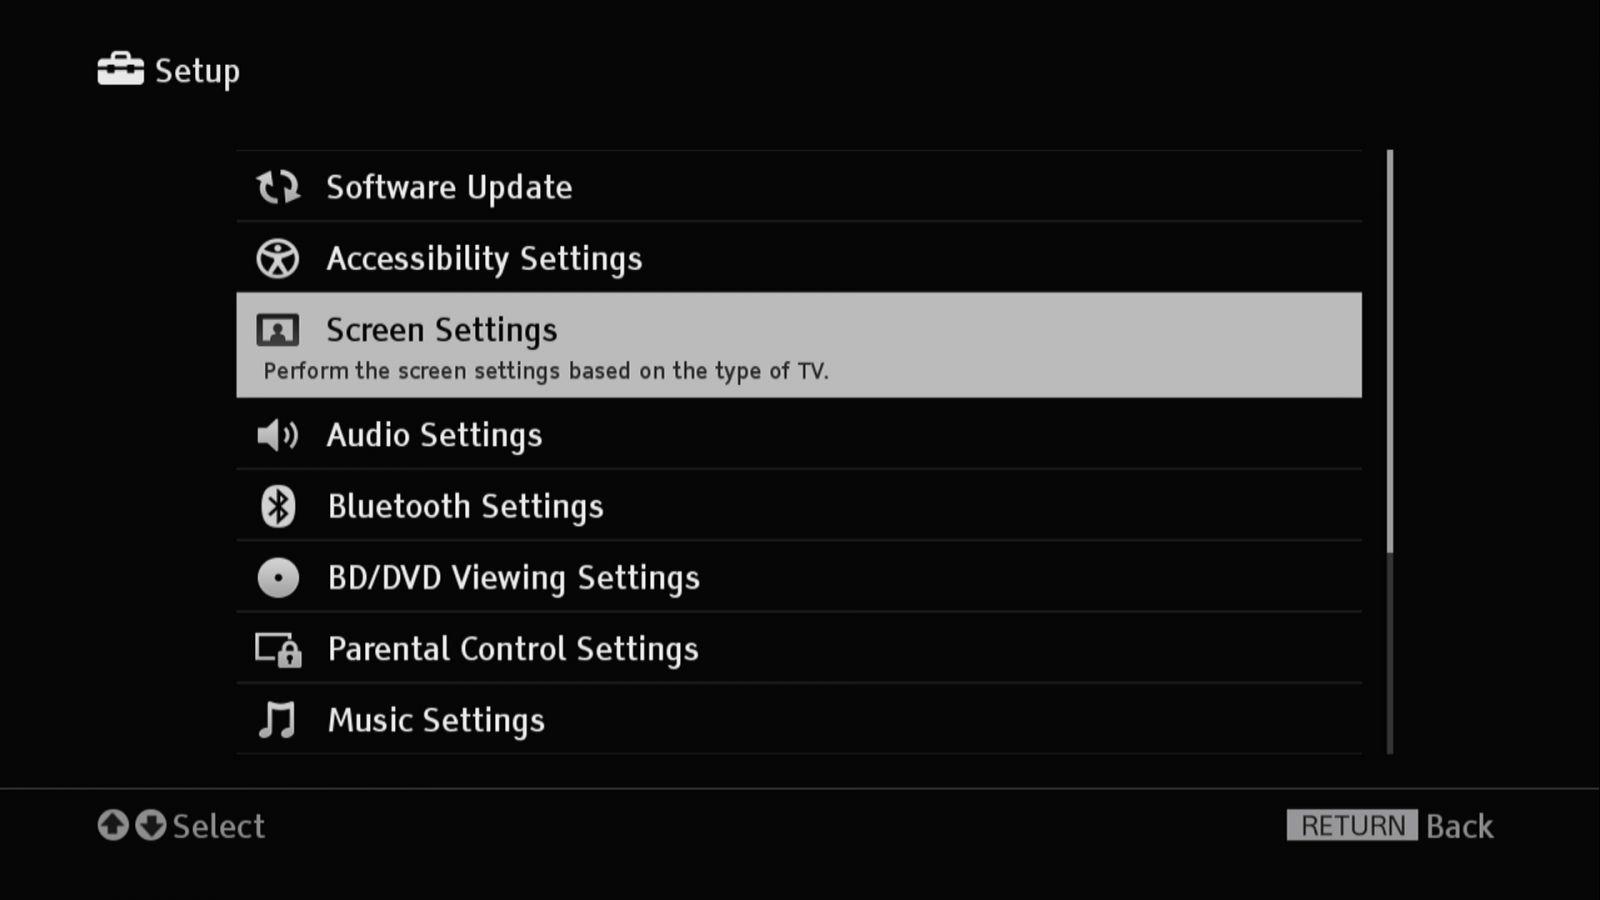 https://s1.occld.com/image/ca/kb/ca-1080f4kp_faqs_4k_passthrough_screen_settings.jpg